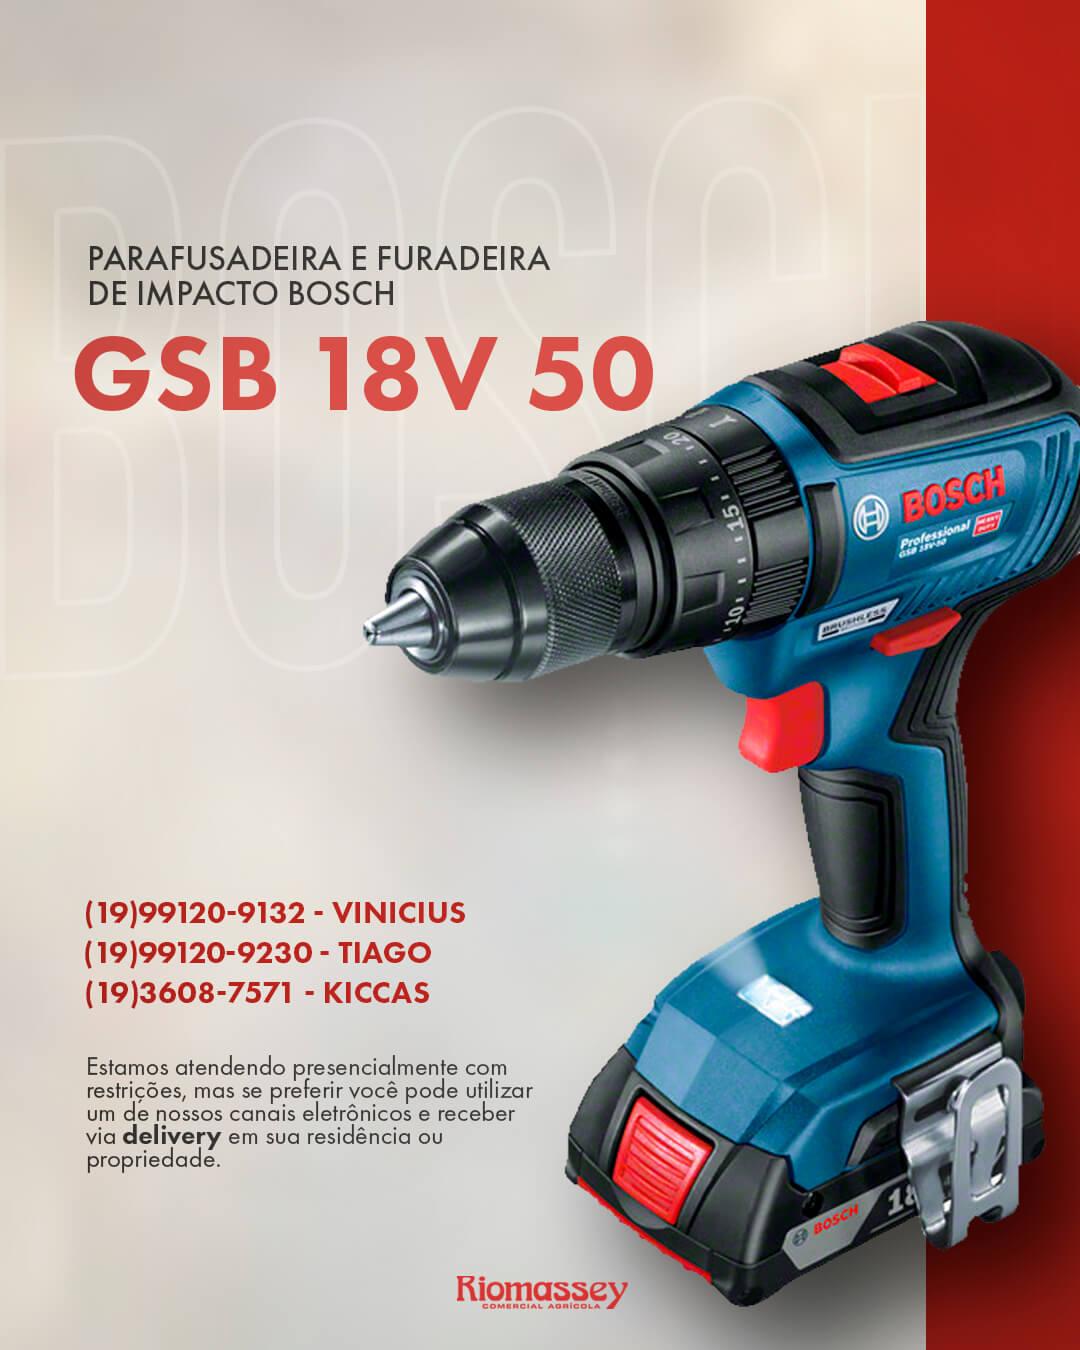 RIOMASSEY - PRODUTO - bosch gsb 18v 50